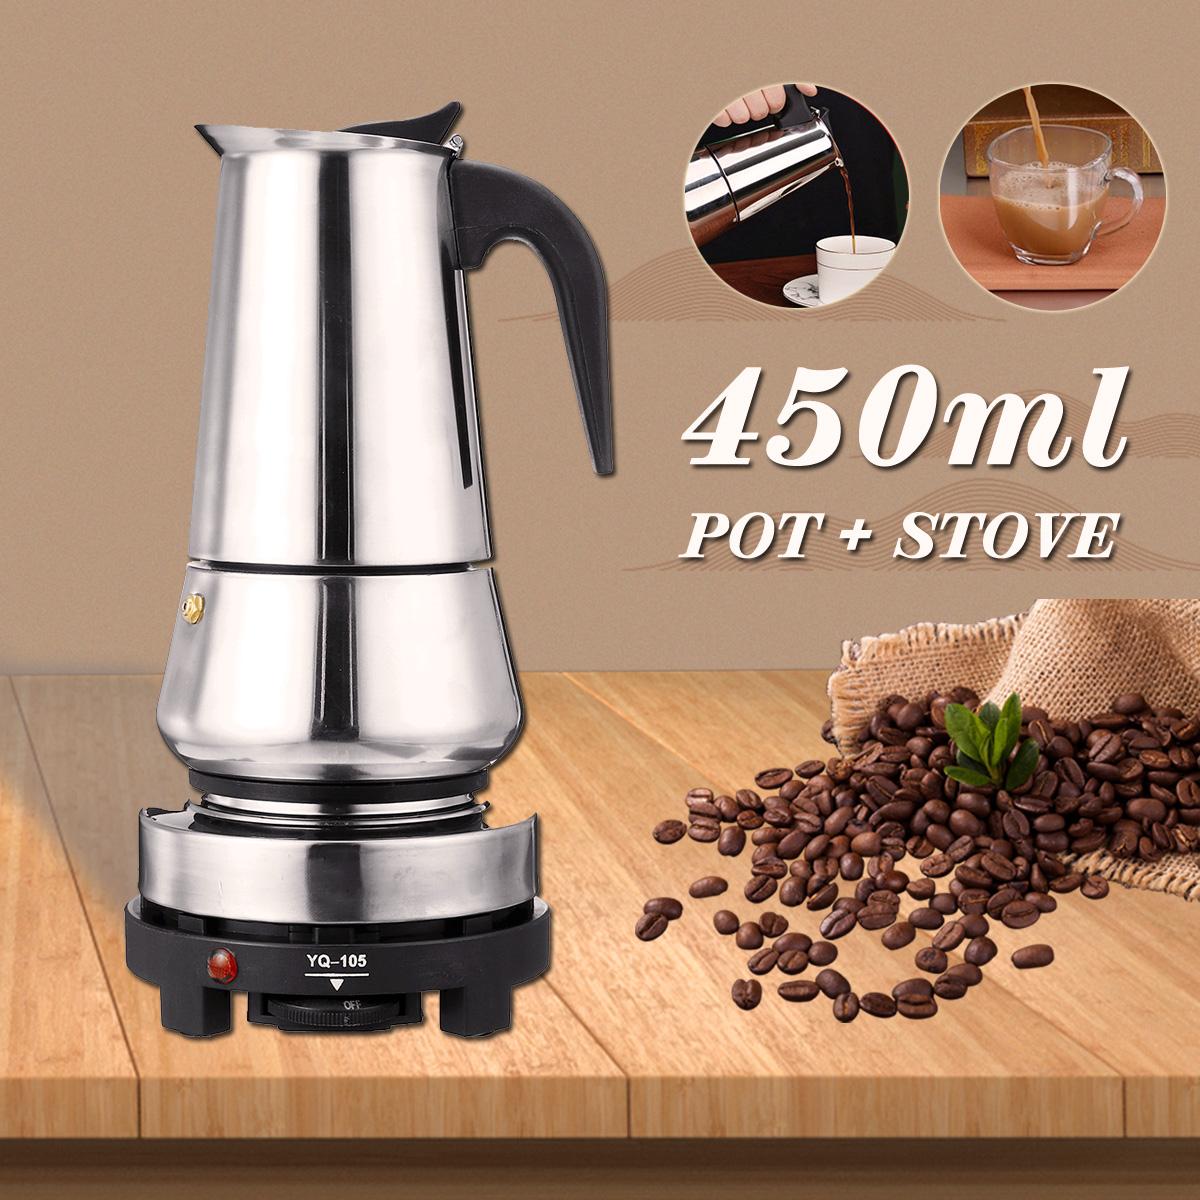 220V 500W 450ml Portable Coffee Espresso Pot Maker & Electric Stove Home Kitchen Tools 13